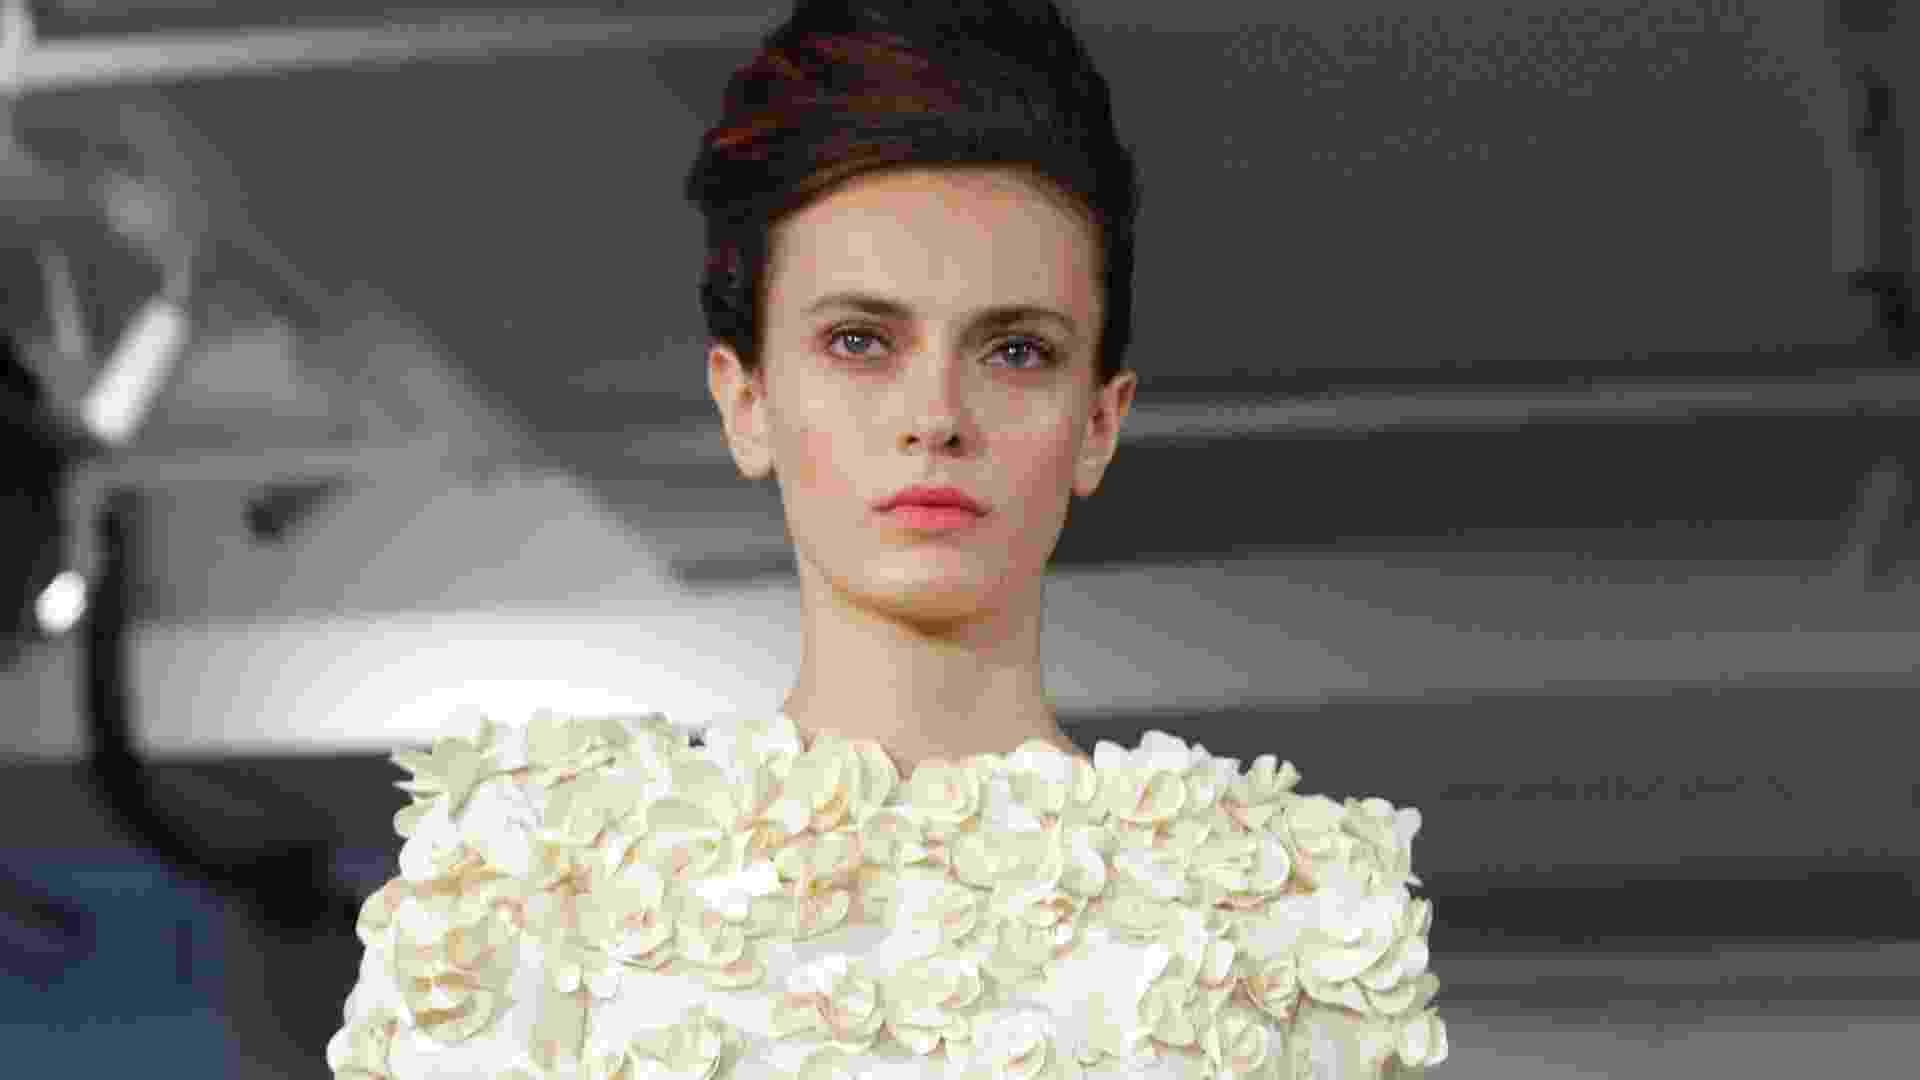 Desfile de Oscar de la Renta na semana de moda de Nova York Primavera/Verão 2013 (11/09/2012) - Kathy Willens/AP